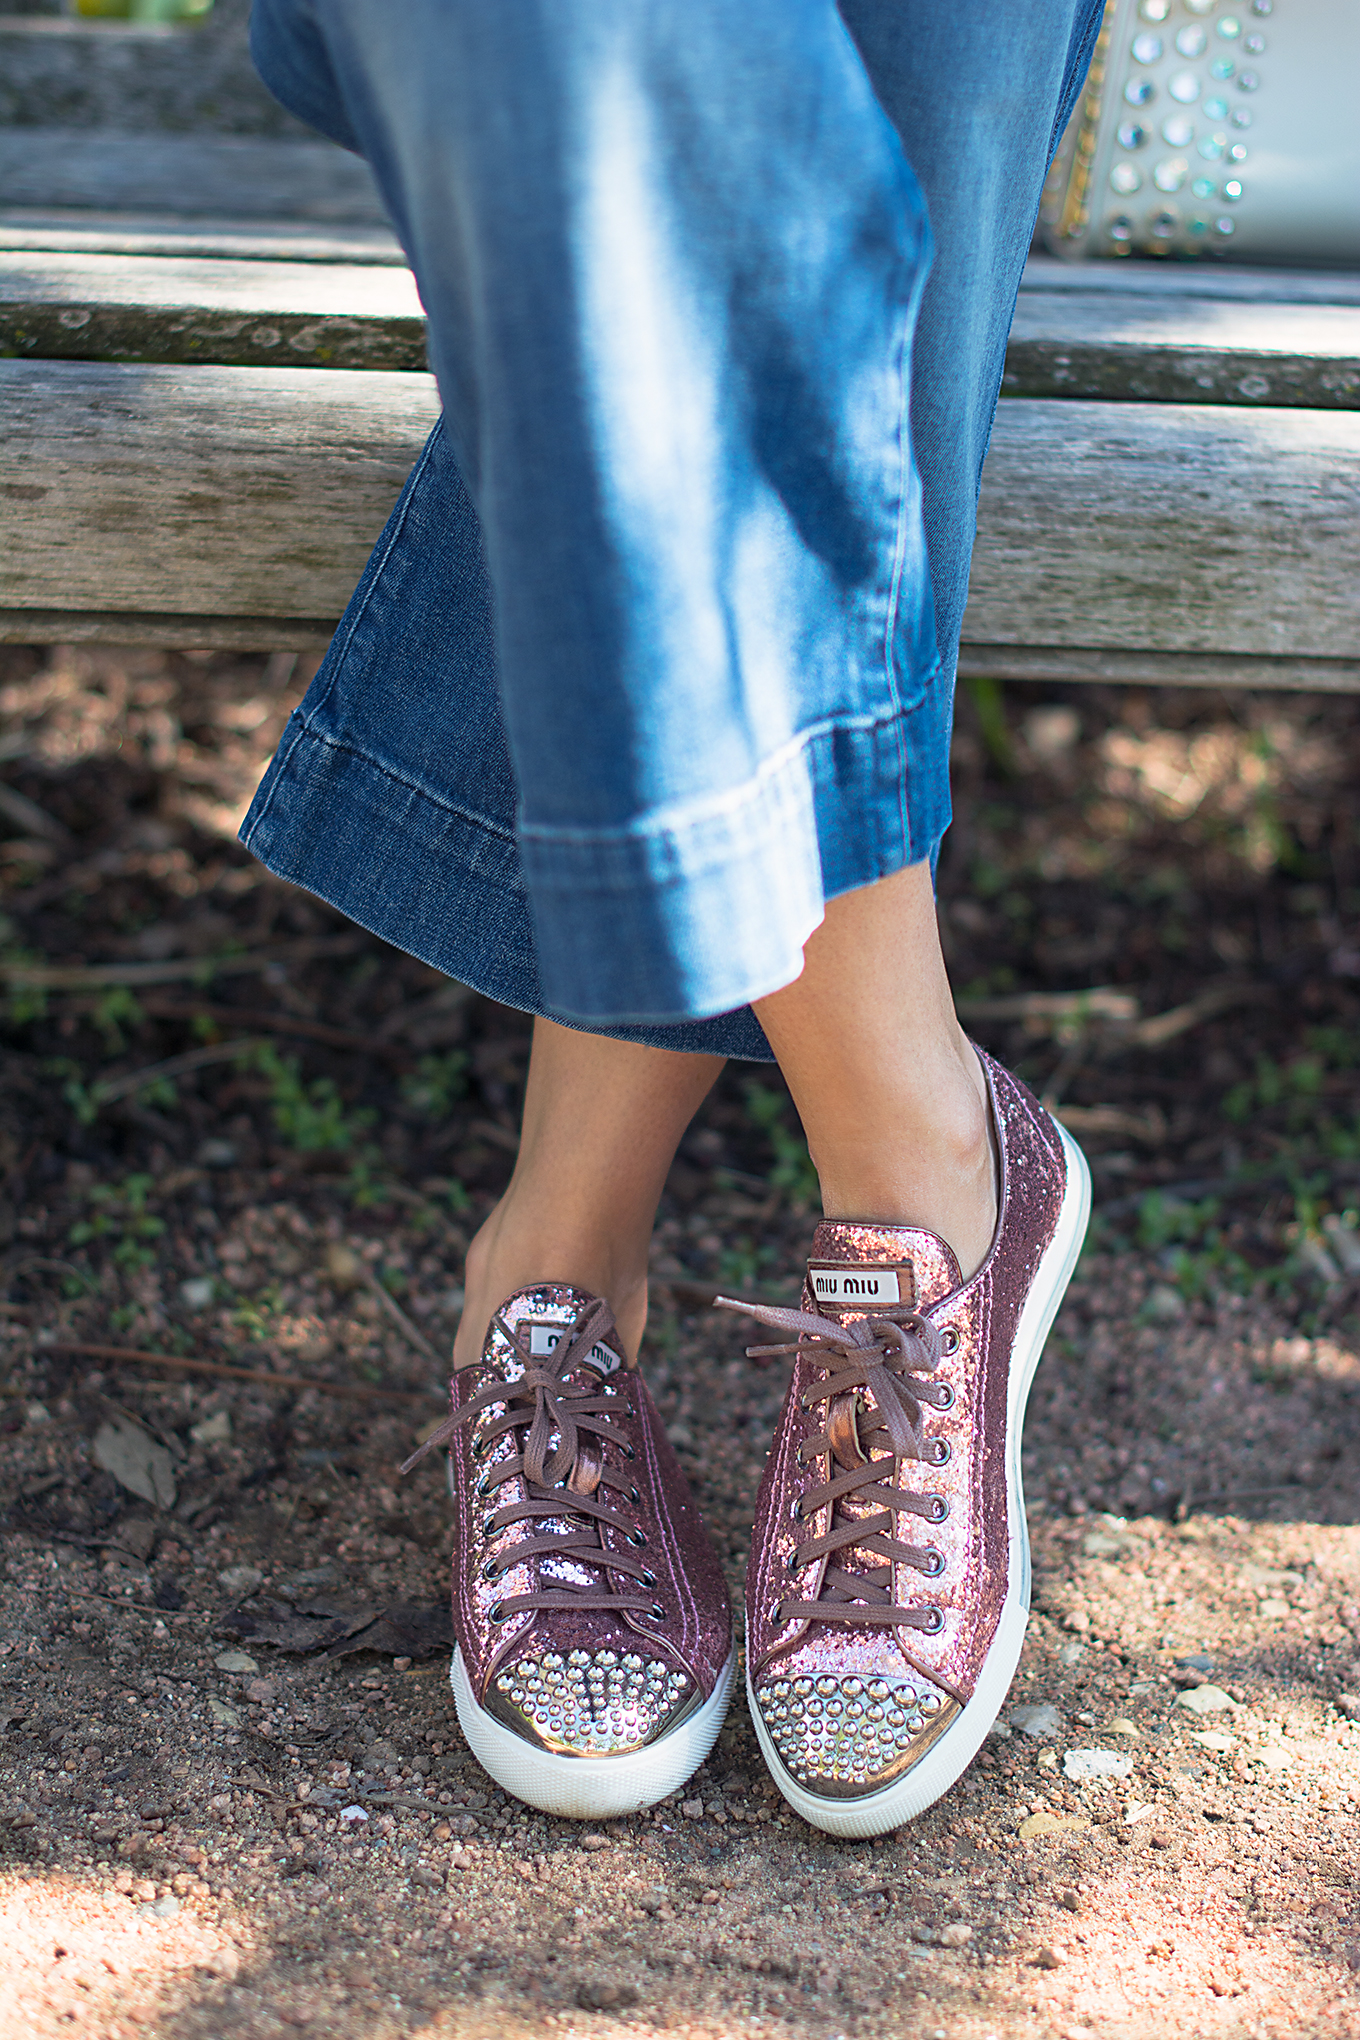 Miu_Miu_Glitter_Sneakers